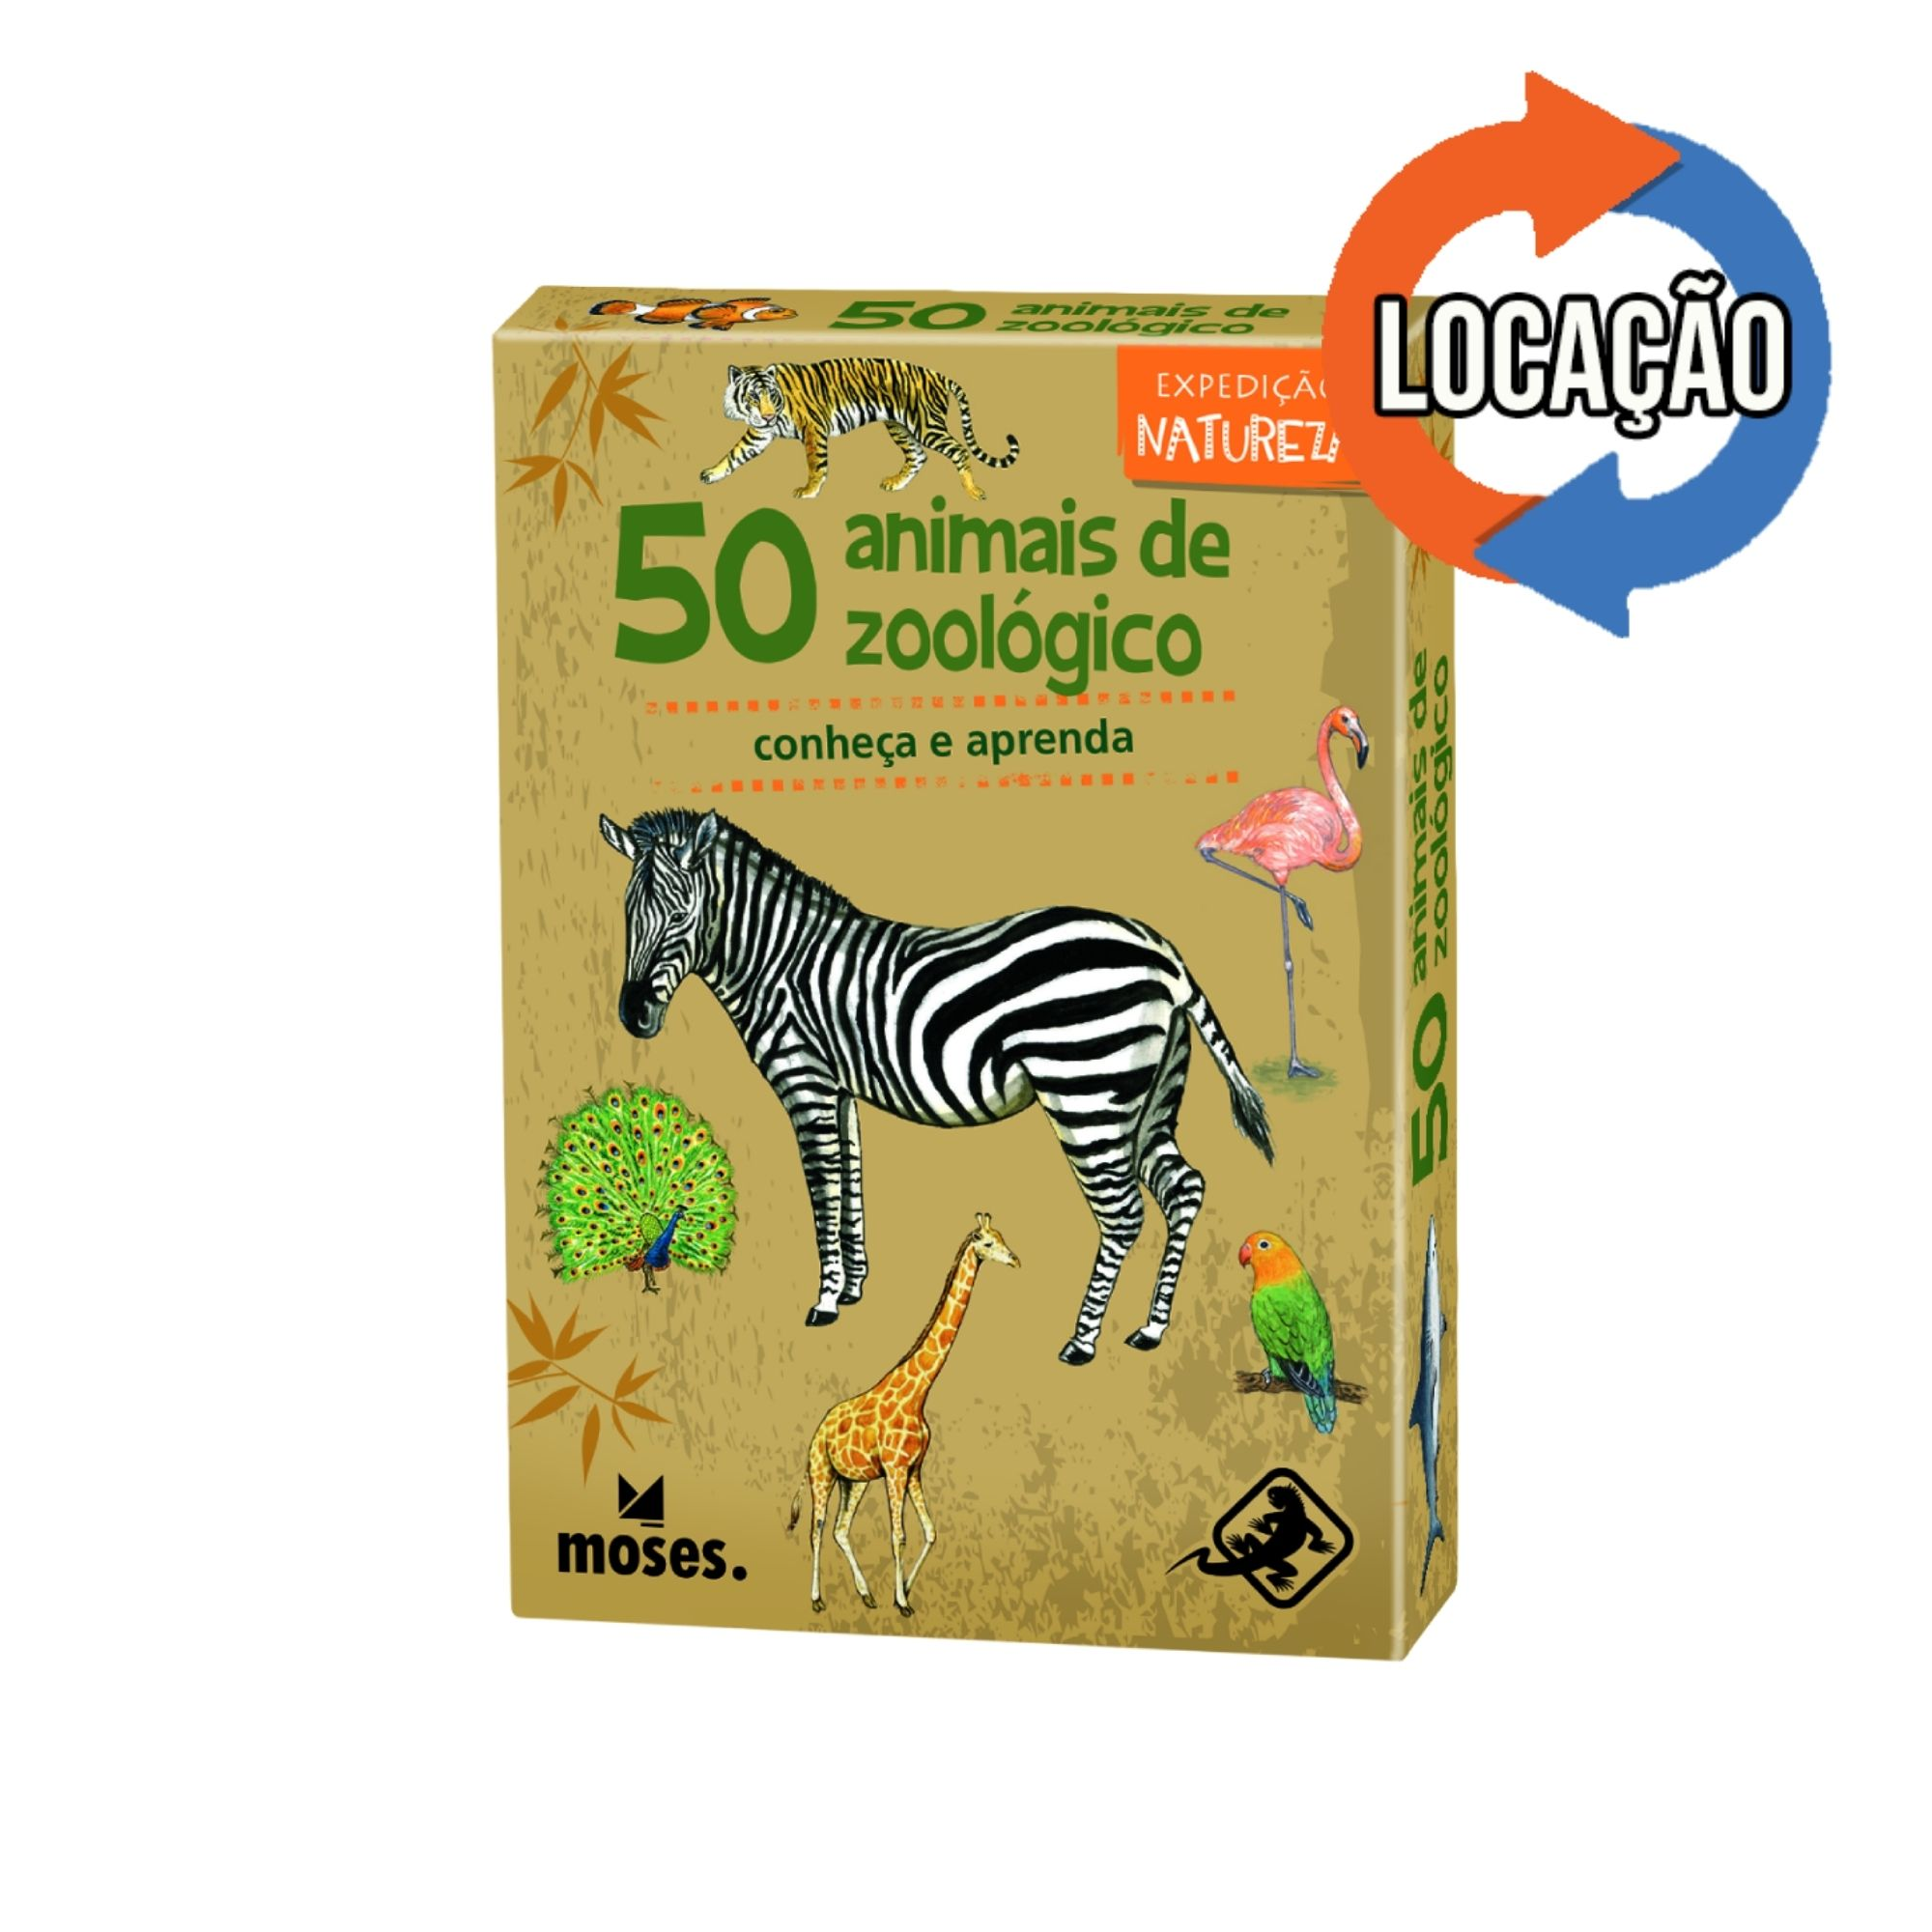 50 Animais de Zoológico - Conheça e Aprenda Expedição Natureza (Locação)